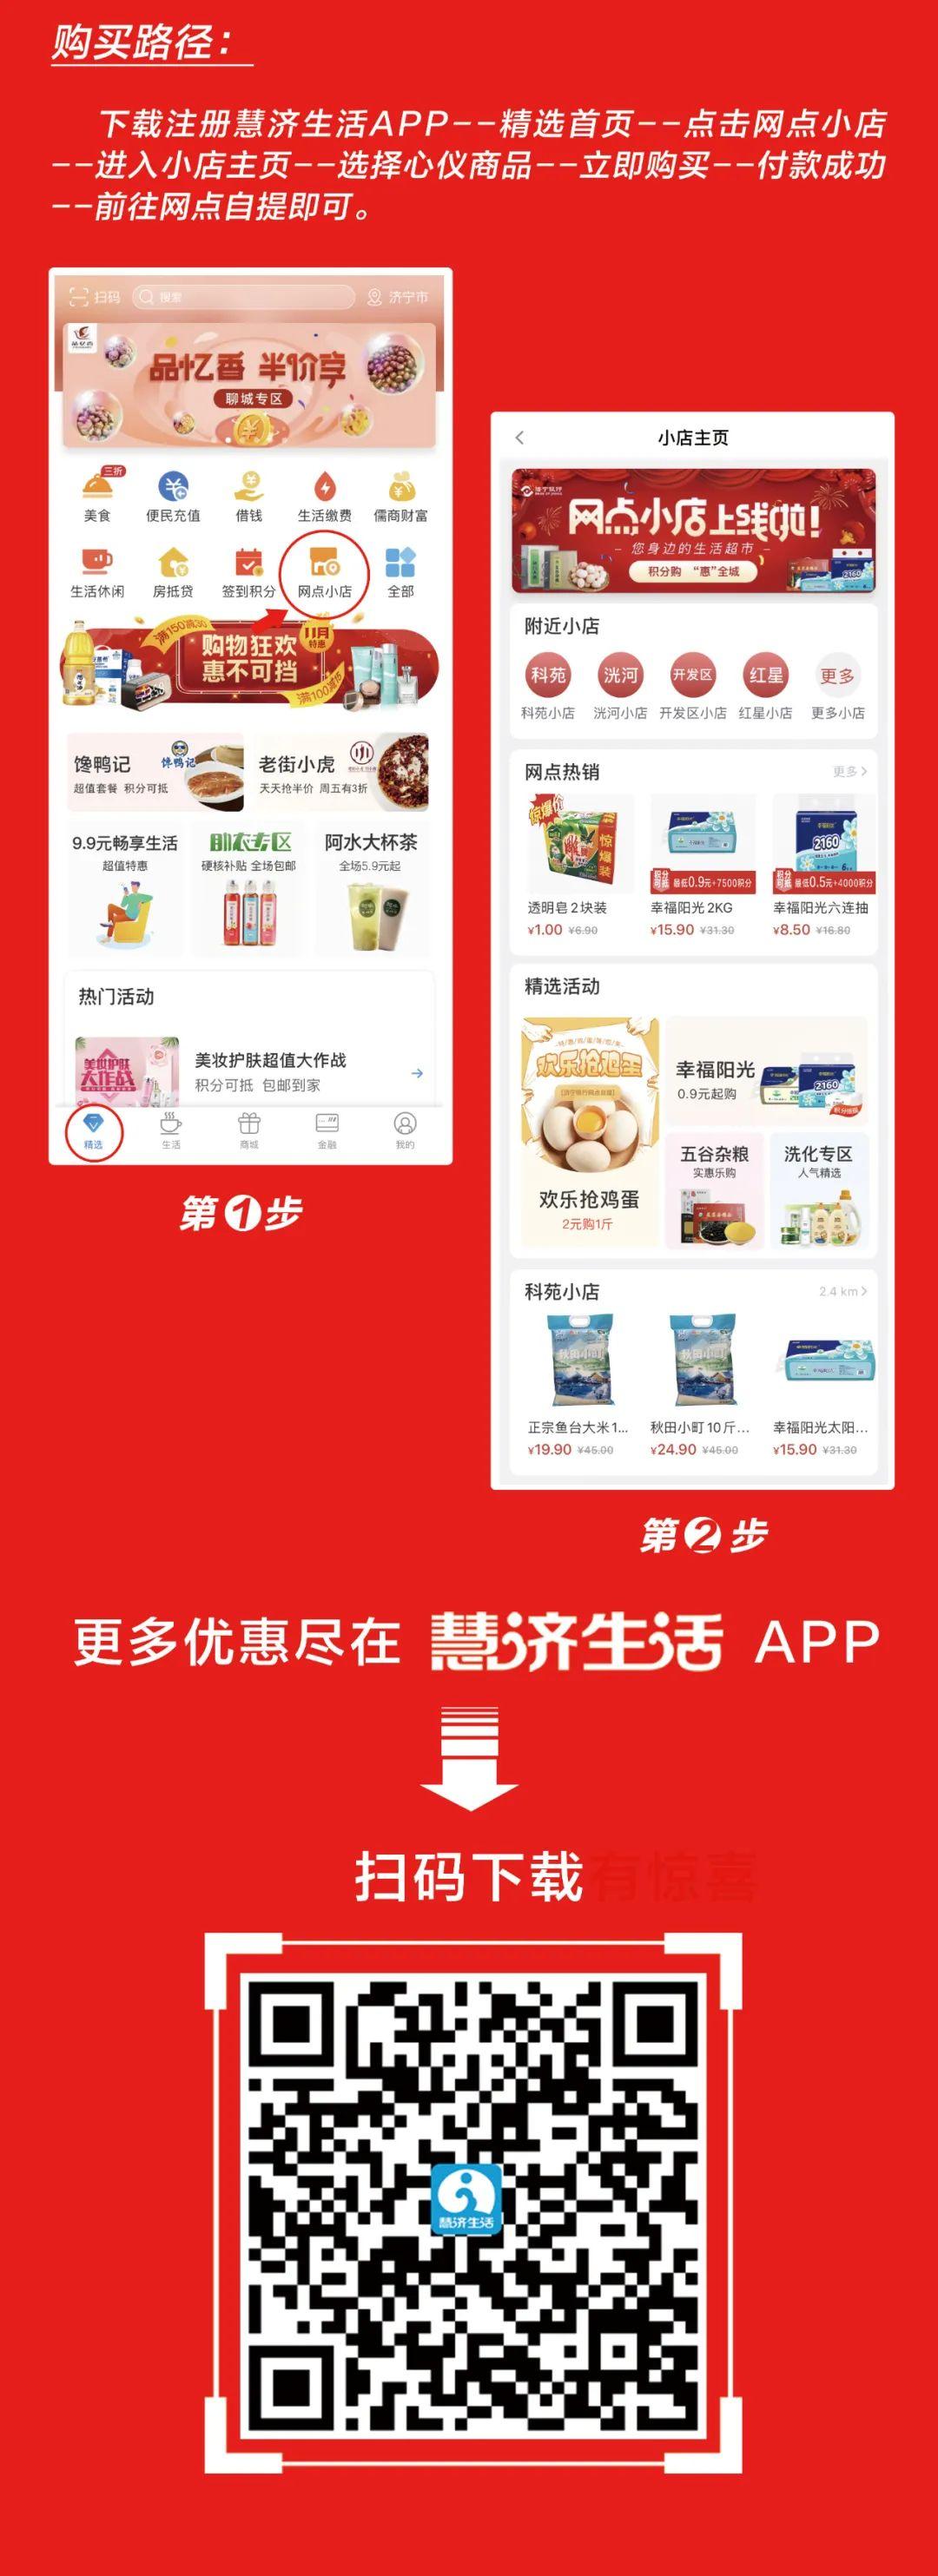 点击看大图 电银付安装教程(dianyinzhifu.com):好消息 | 济宁银行网点小店上线啦~ 第6张